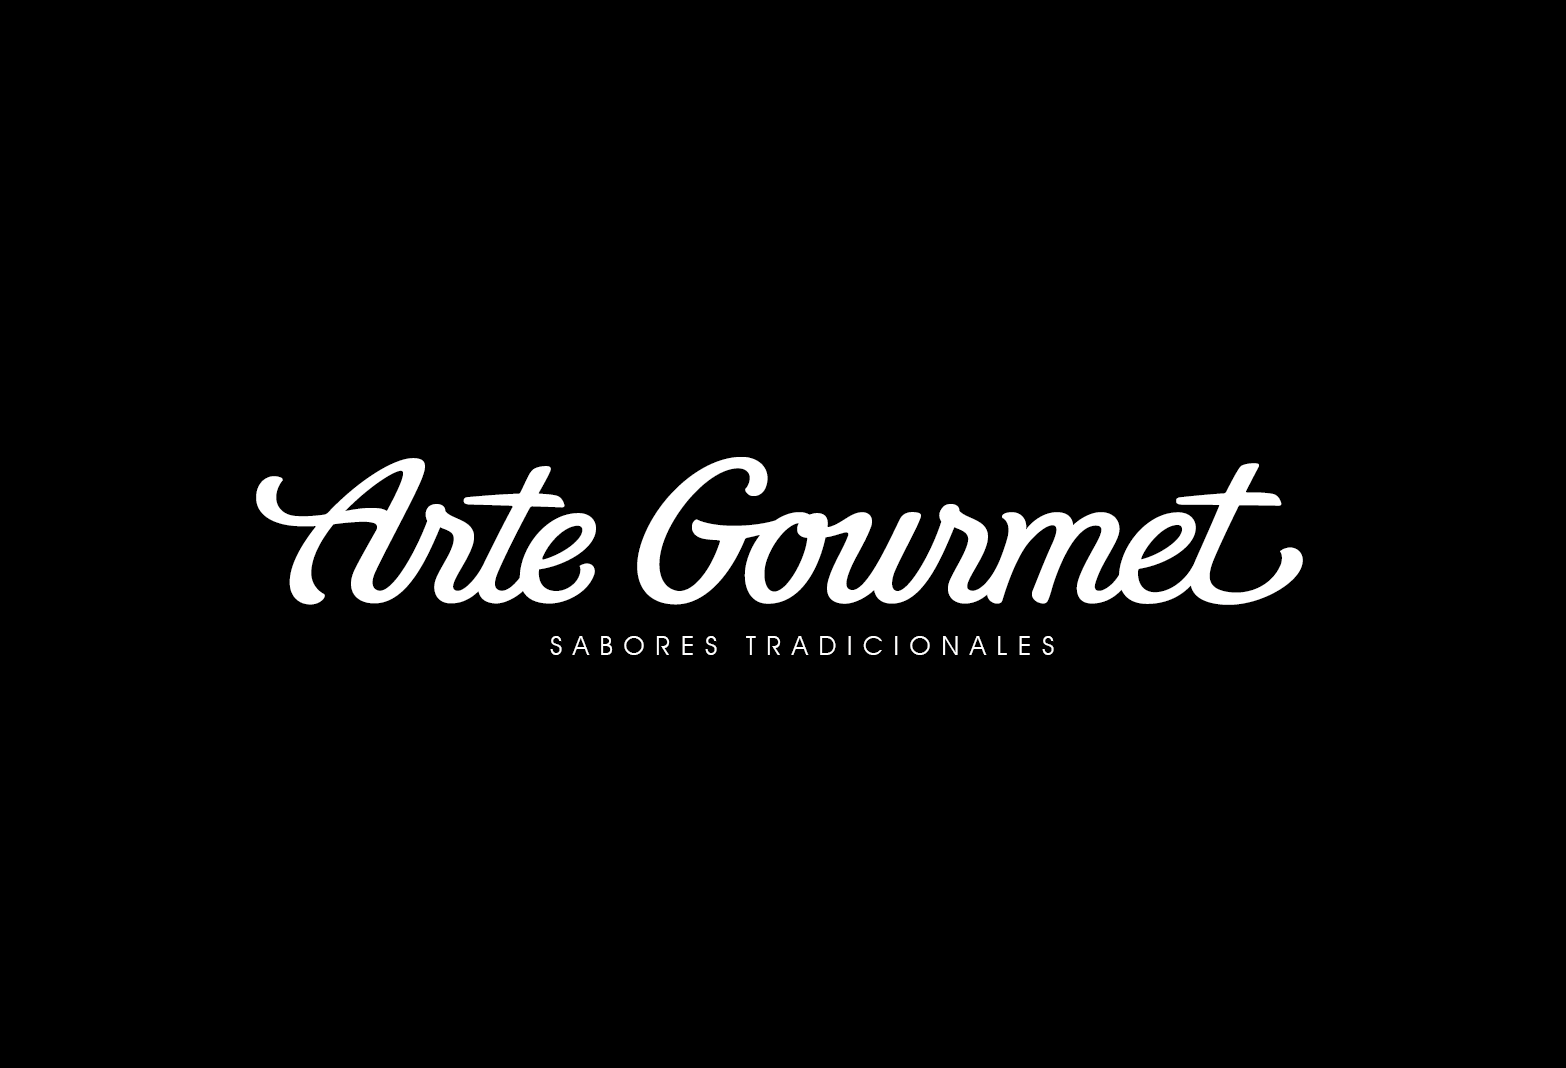 Conocé la franquicia exclusiva de ARTE GOURMET